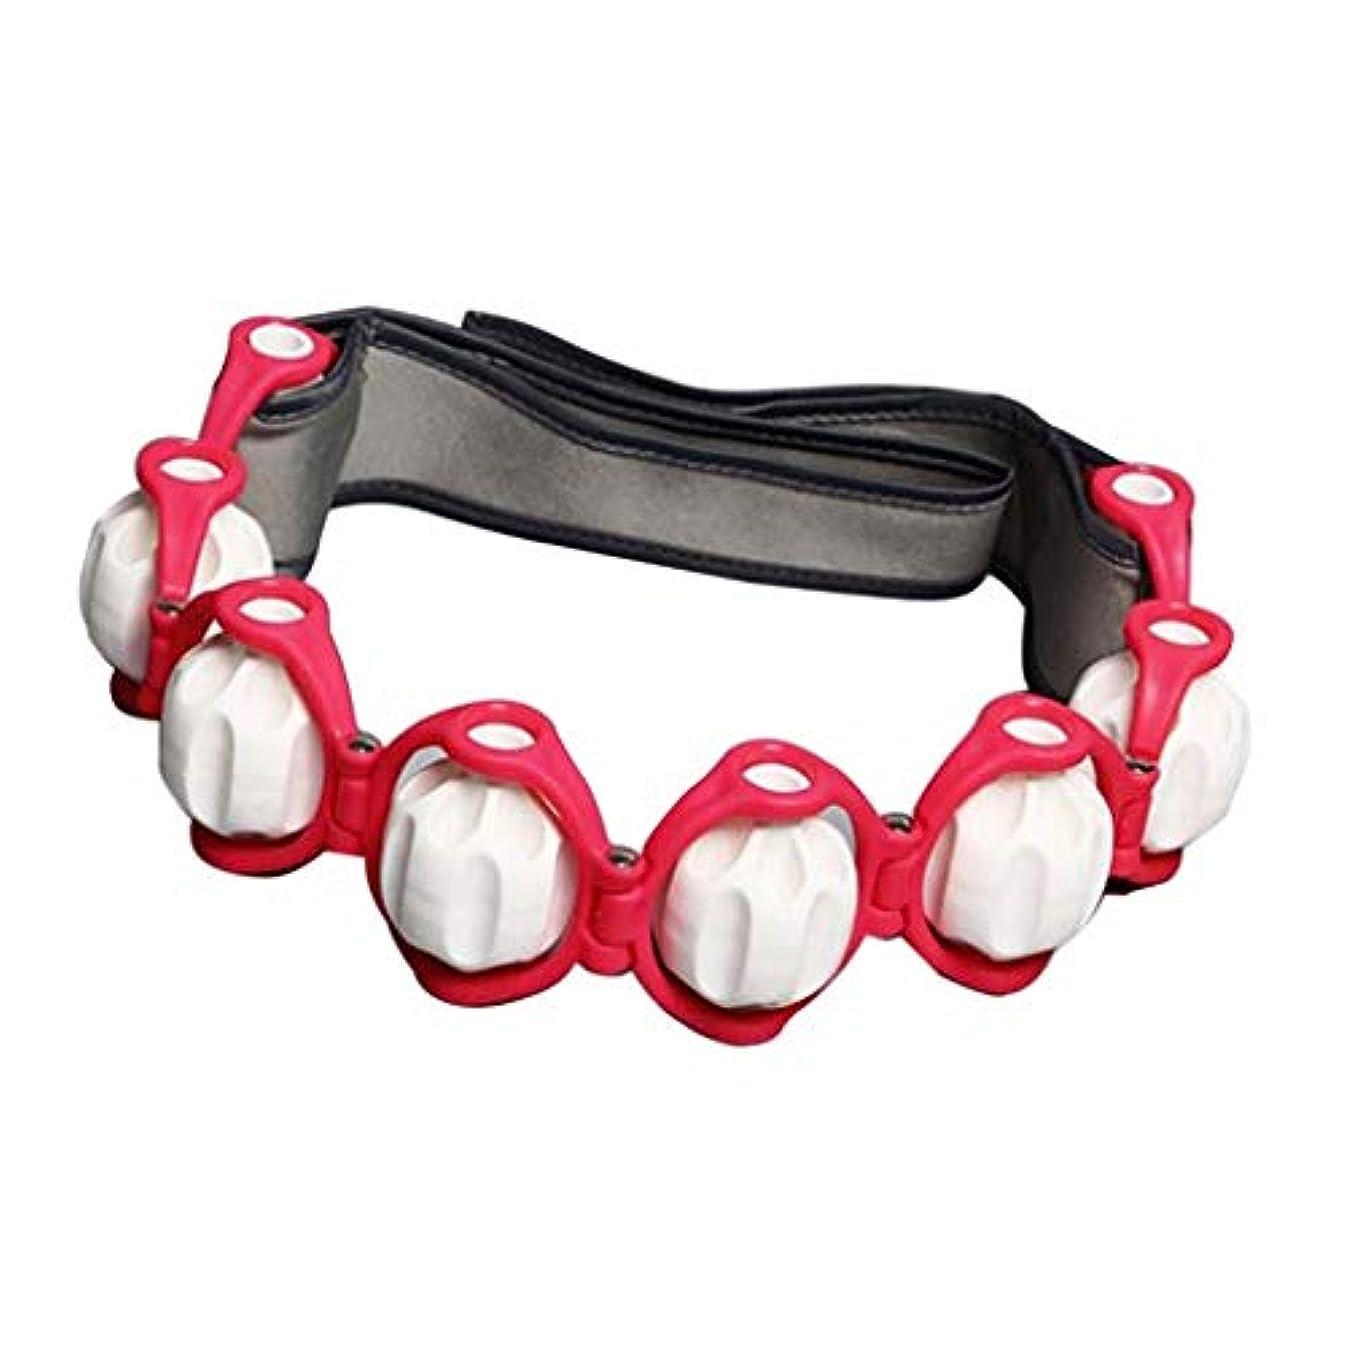 クリームティッシュ参照するマッサージローラー ロープ付き ツボ押し ボディマッサージ 筋肉マッサージ 4色選べ - 赤